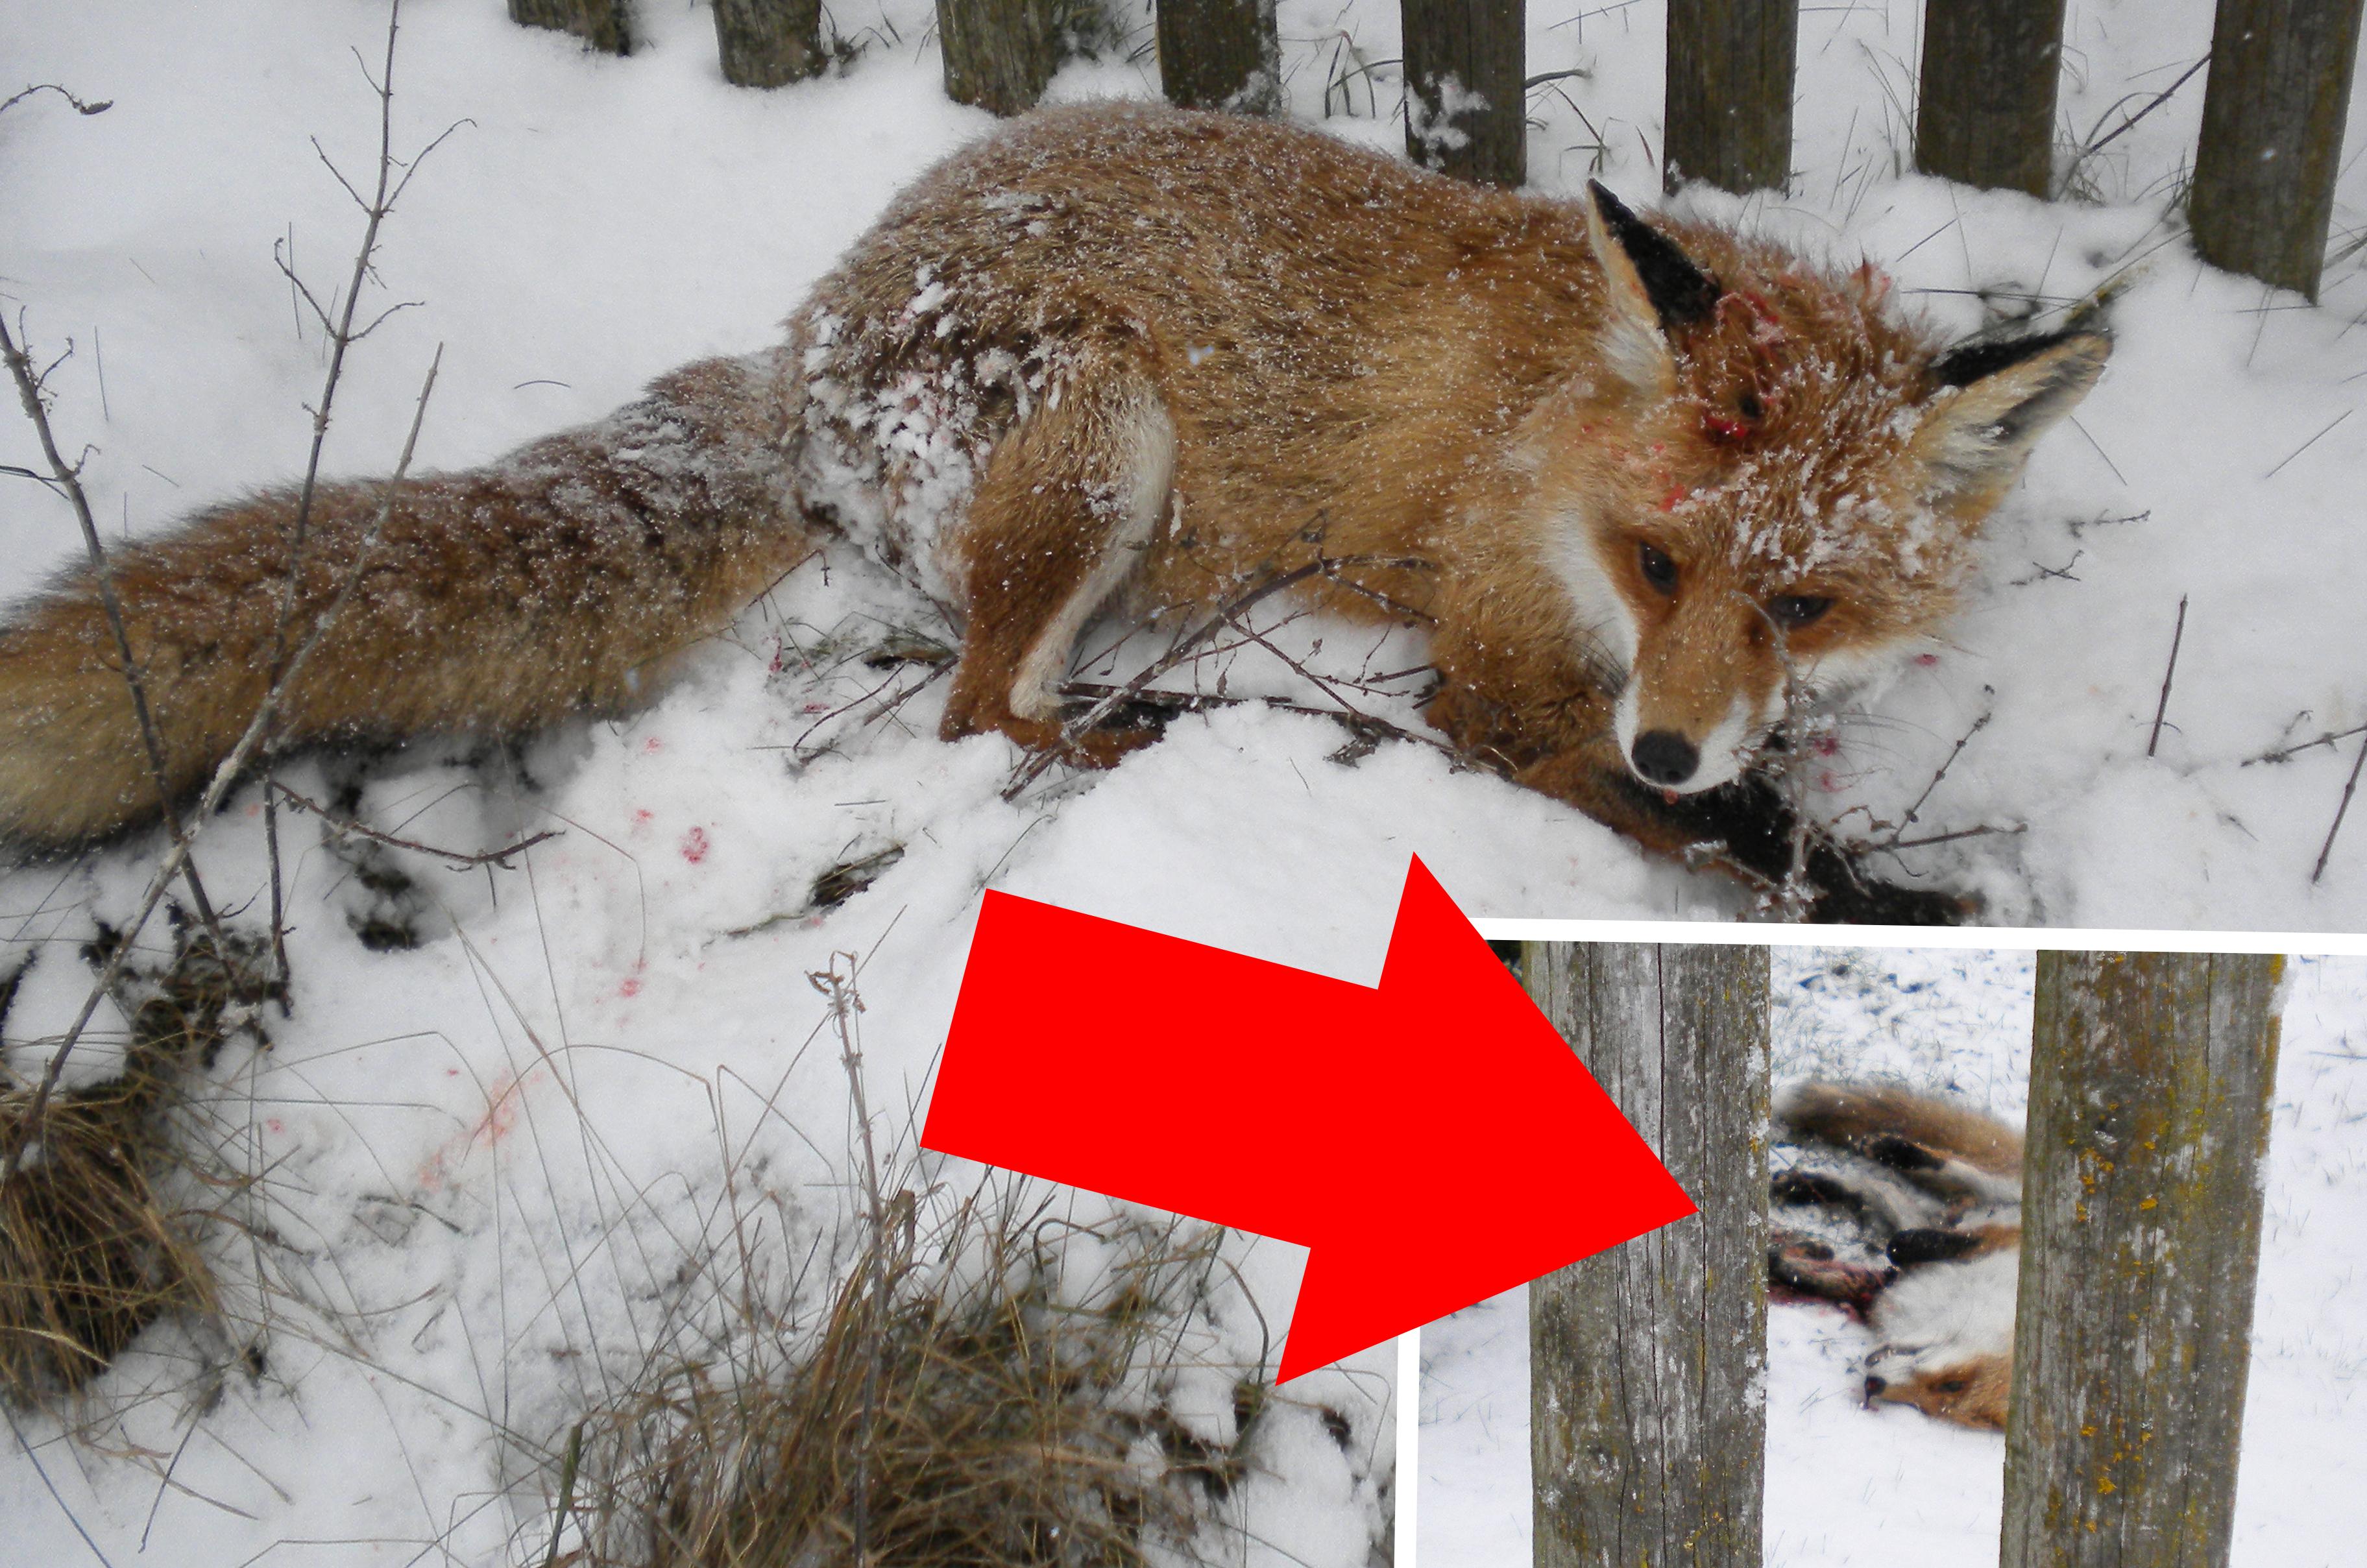 Merveilleux Jagdhunde Hetzen Schwer Verletzten Fuchs In Einen Garten